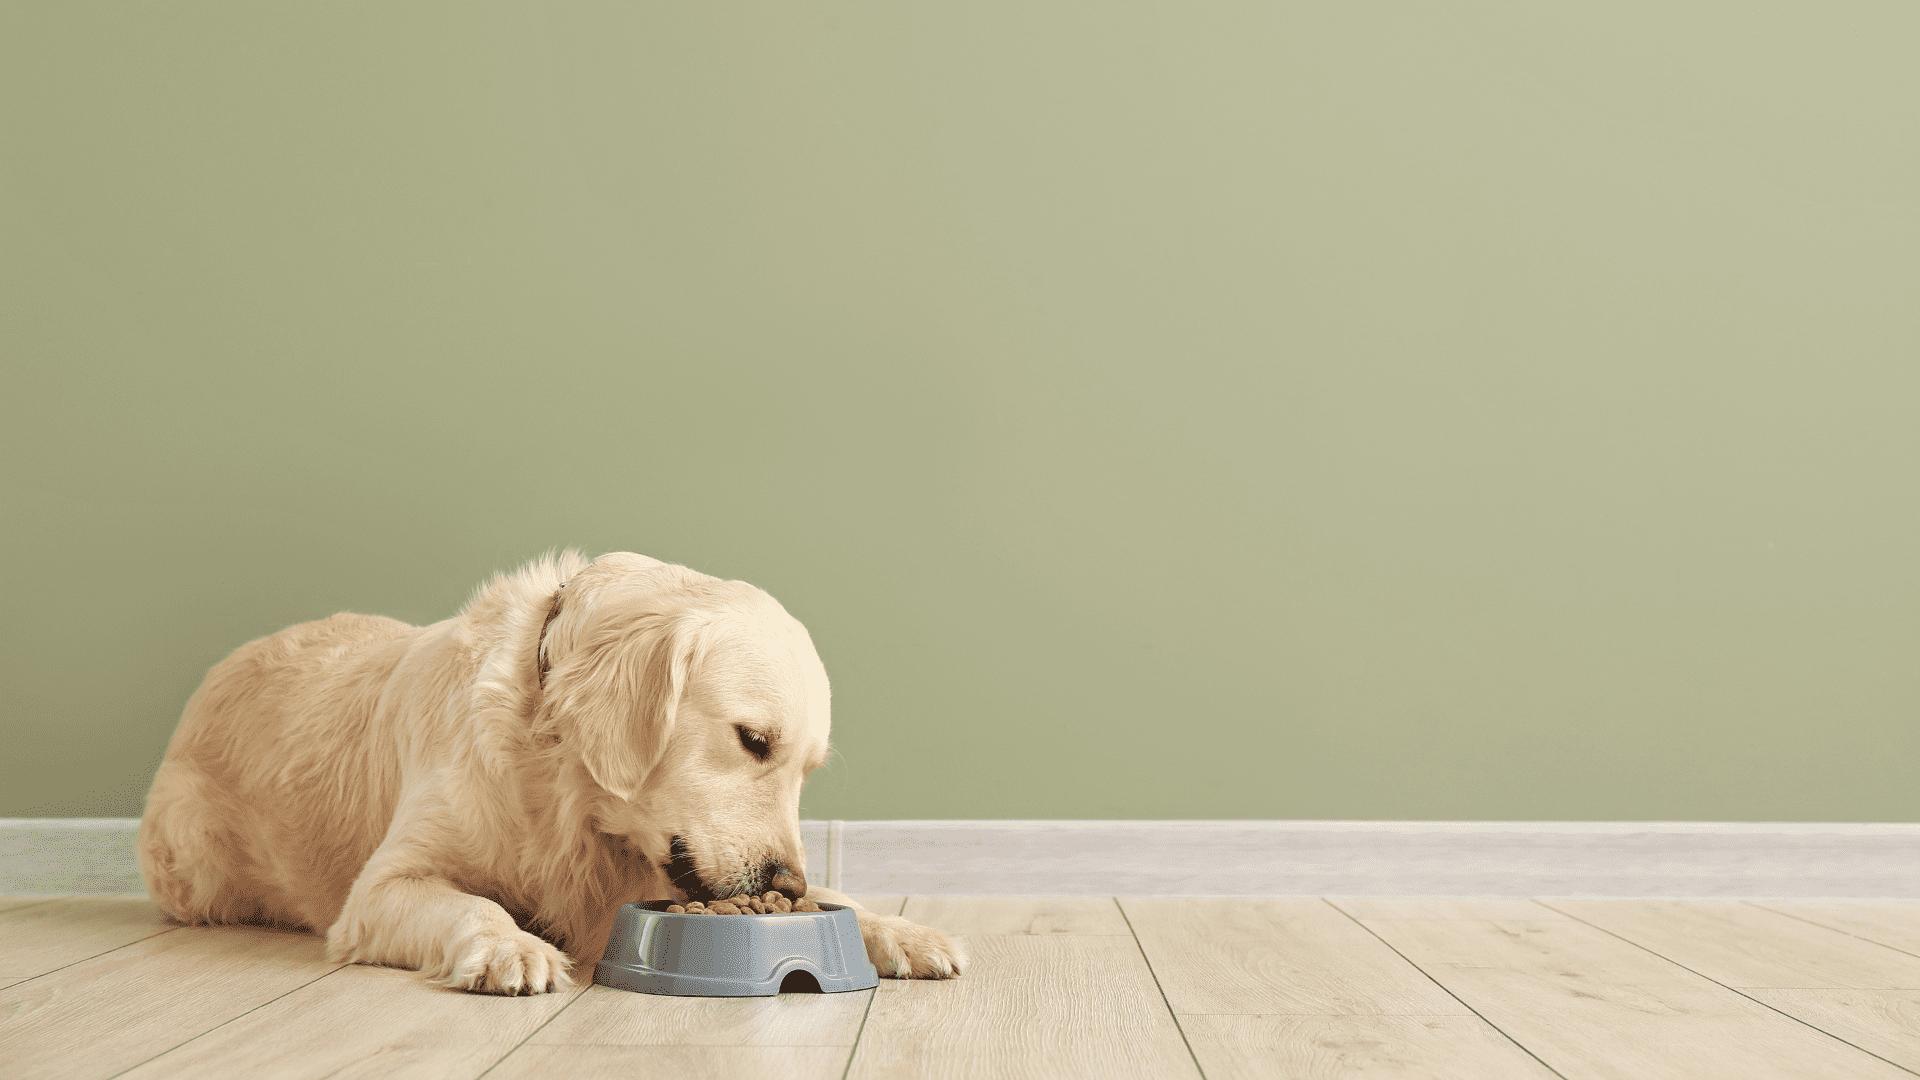 Entenda os principais tipos de ração para cachorro existentes no mercado para poder escolher a melhor para o seu pet (Reprodução/Shutterstock)